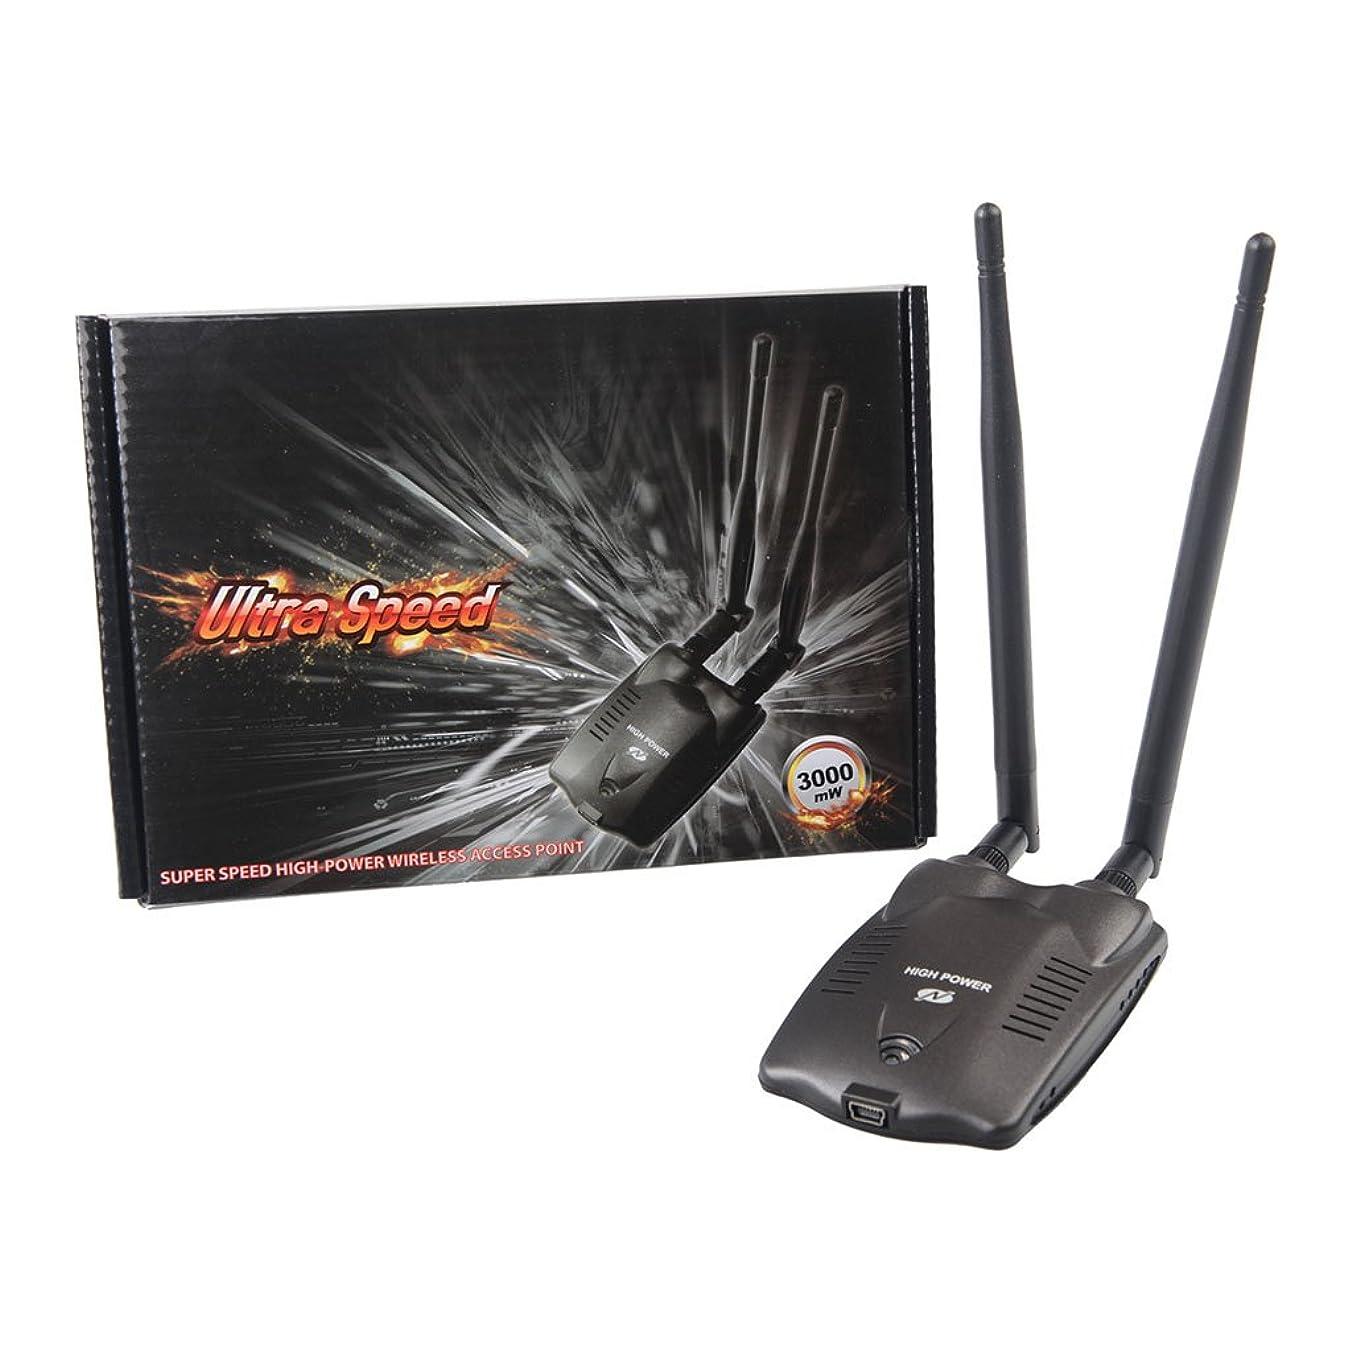 くしゃみ種牧師Baoyouls ネットワークカードワイヤレスネットワークカードBT-N9100ハイパワー3000mW PCワイヤレスWifiアダプターロングレンジデュアルアンテナ